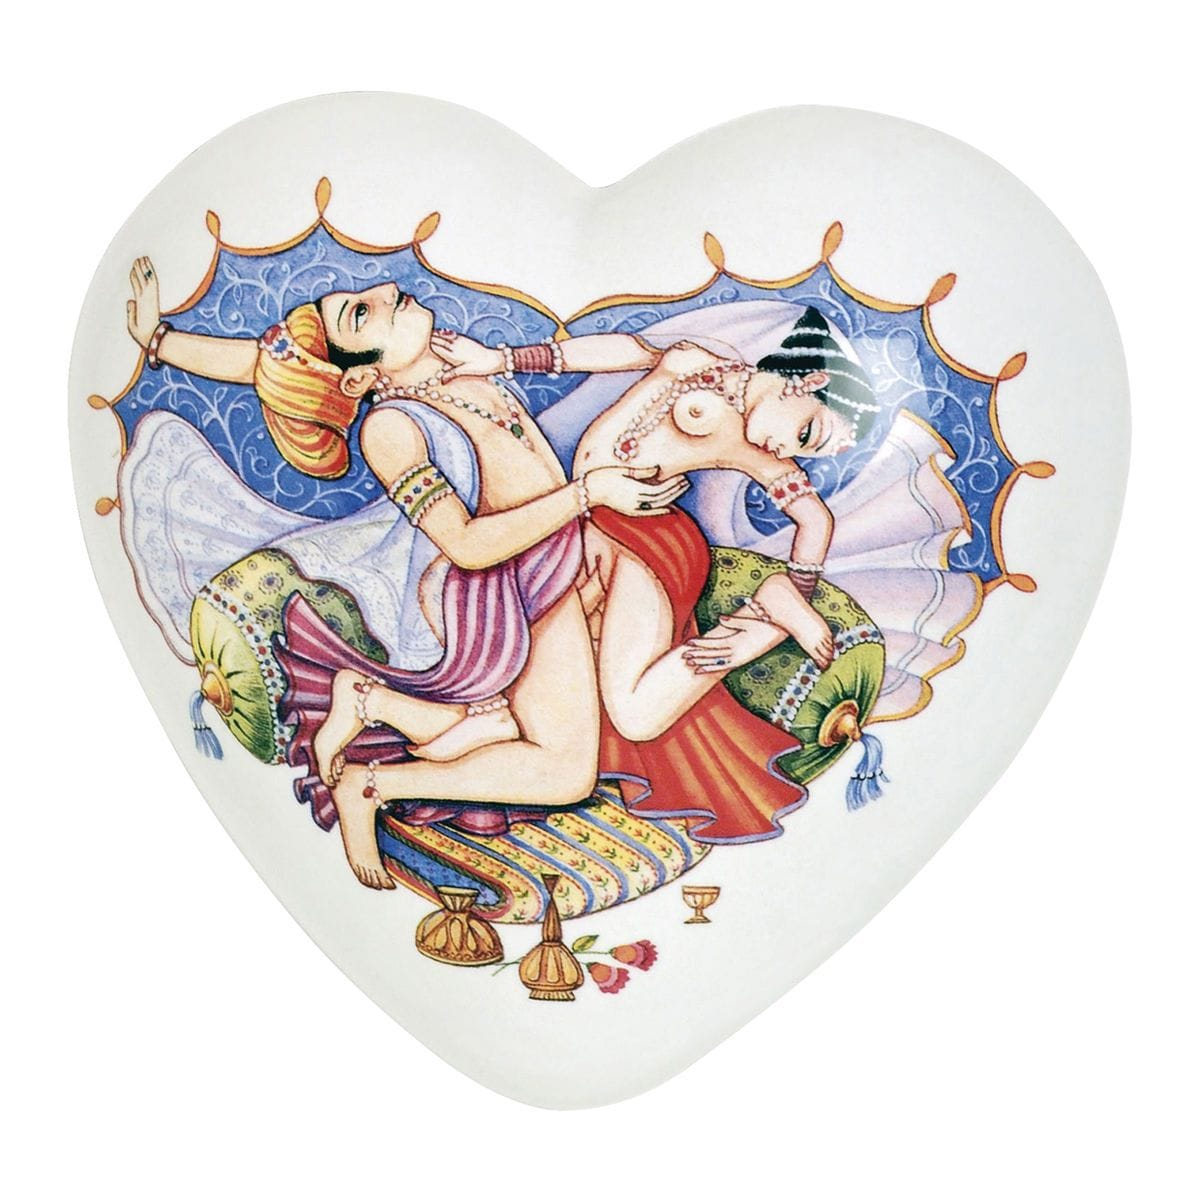 cuore di ceramica bianco con dipinto